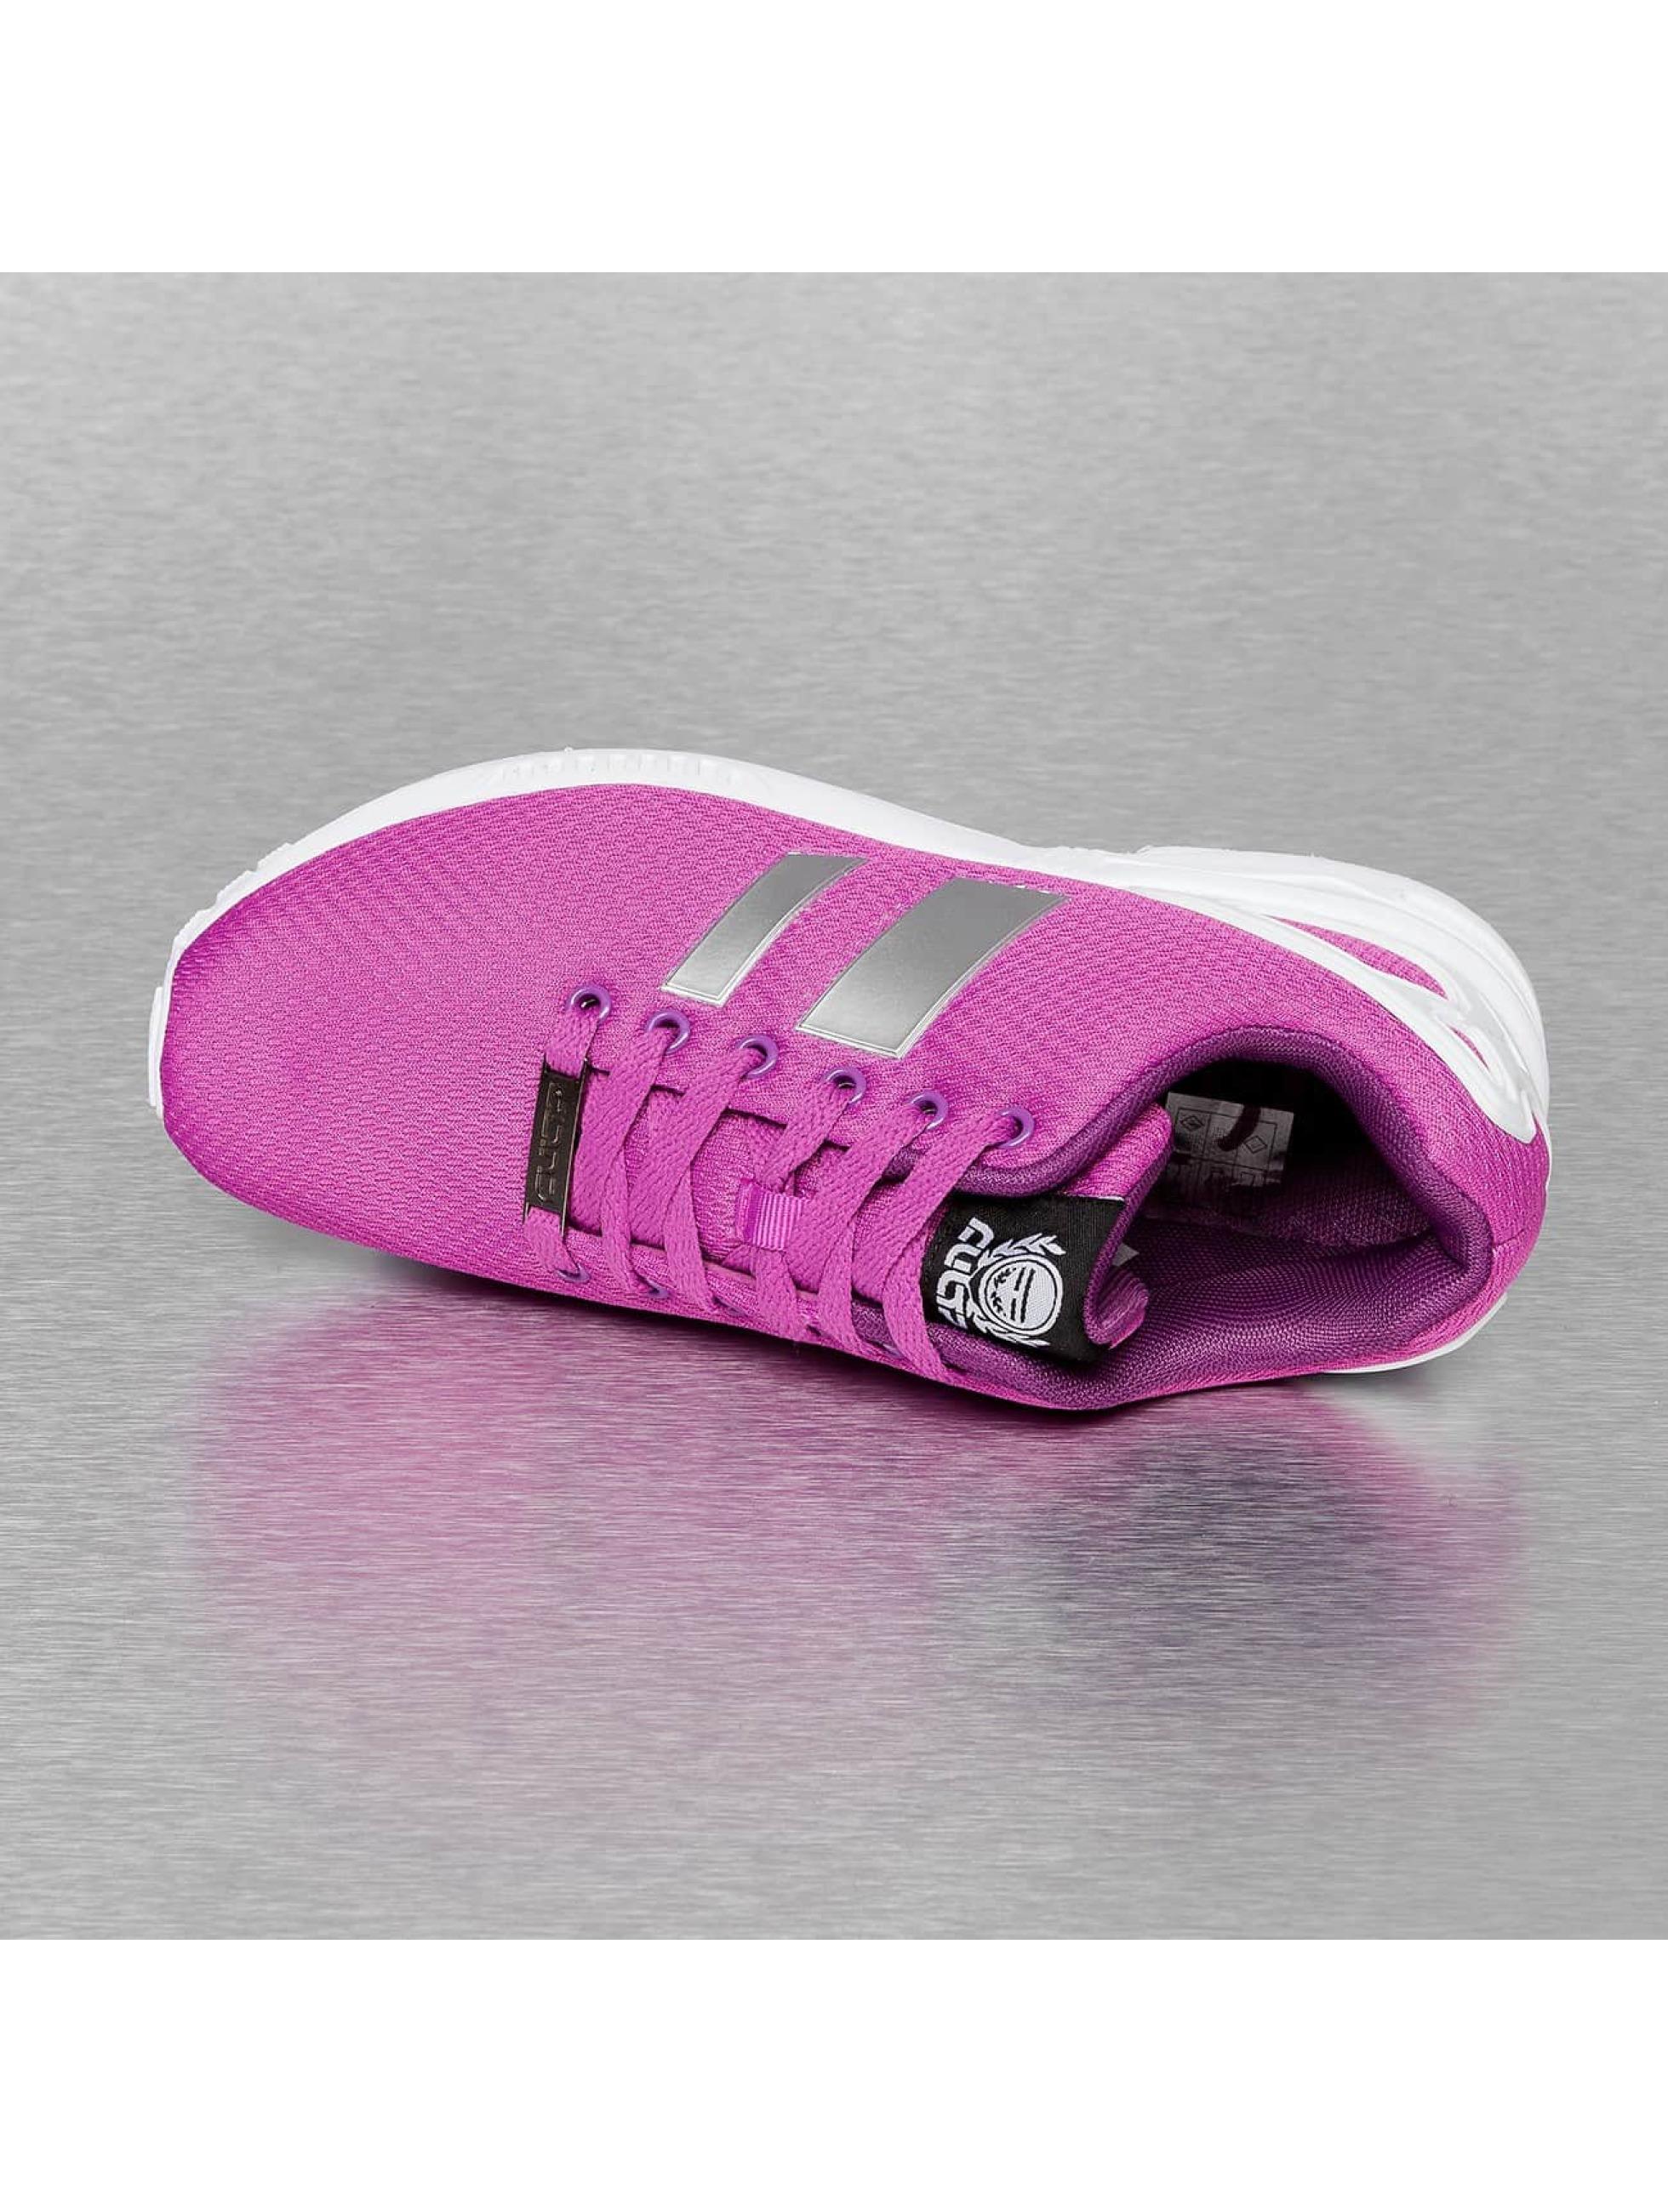 New York Style sneaker Henderson paars